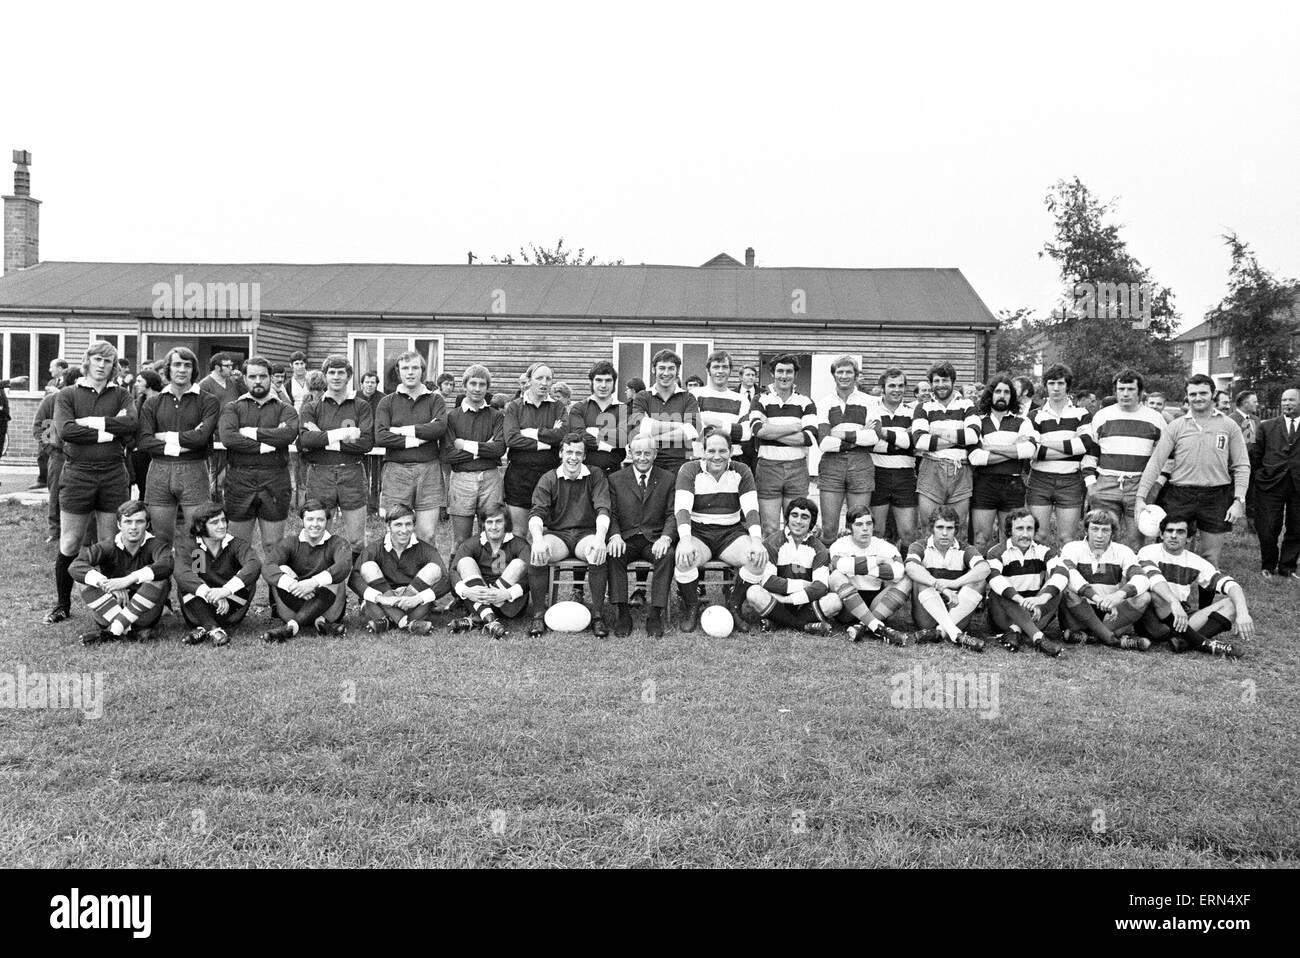 Stoke Old Boys v Phil Judd 15 partido de Rugby, el 28 de septiembre de 1971 Imagen De Stock